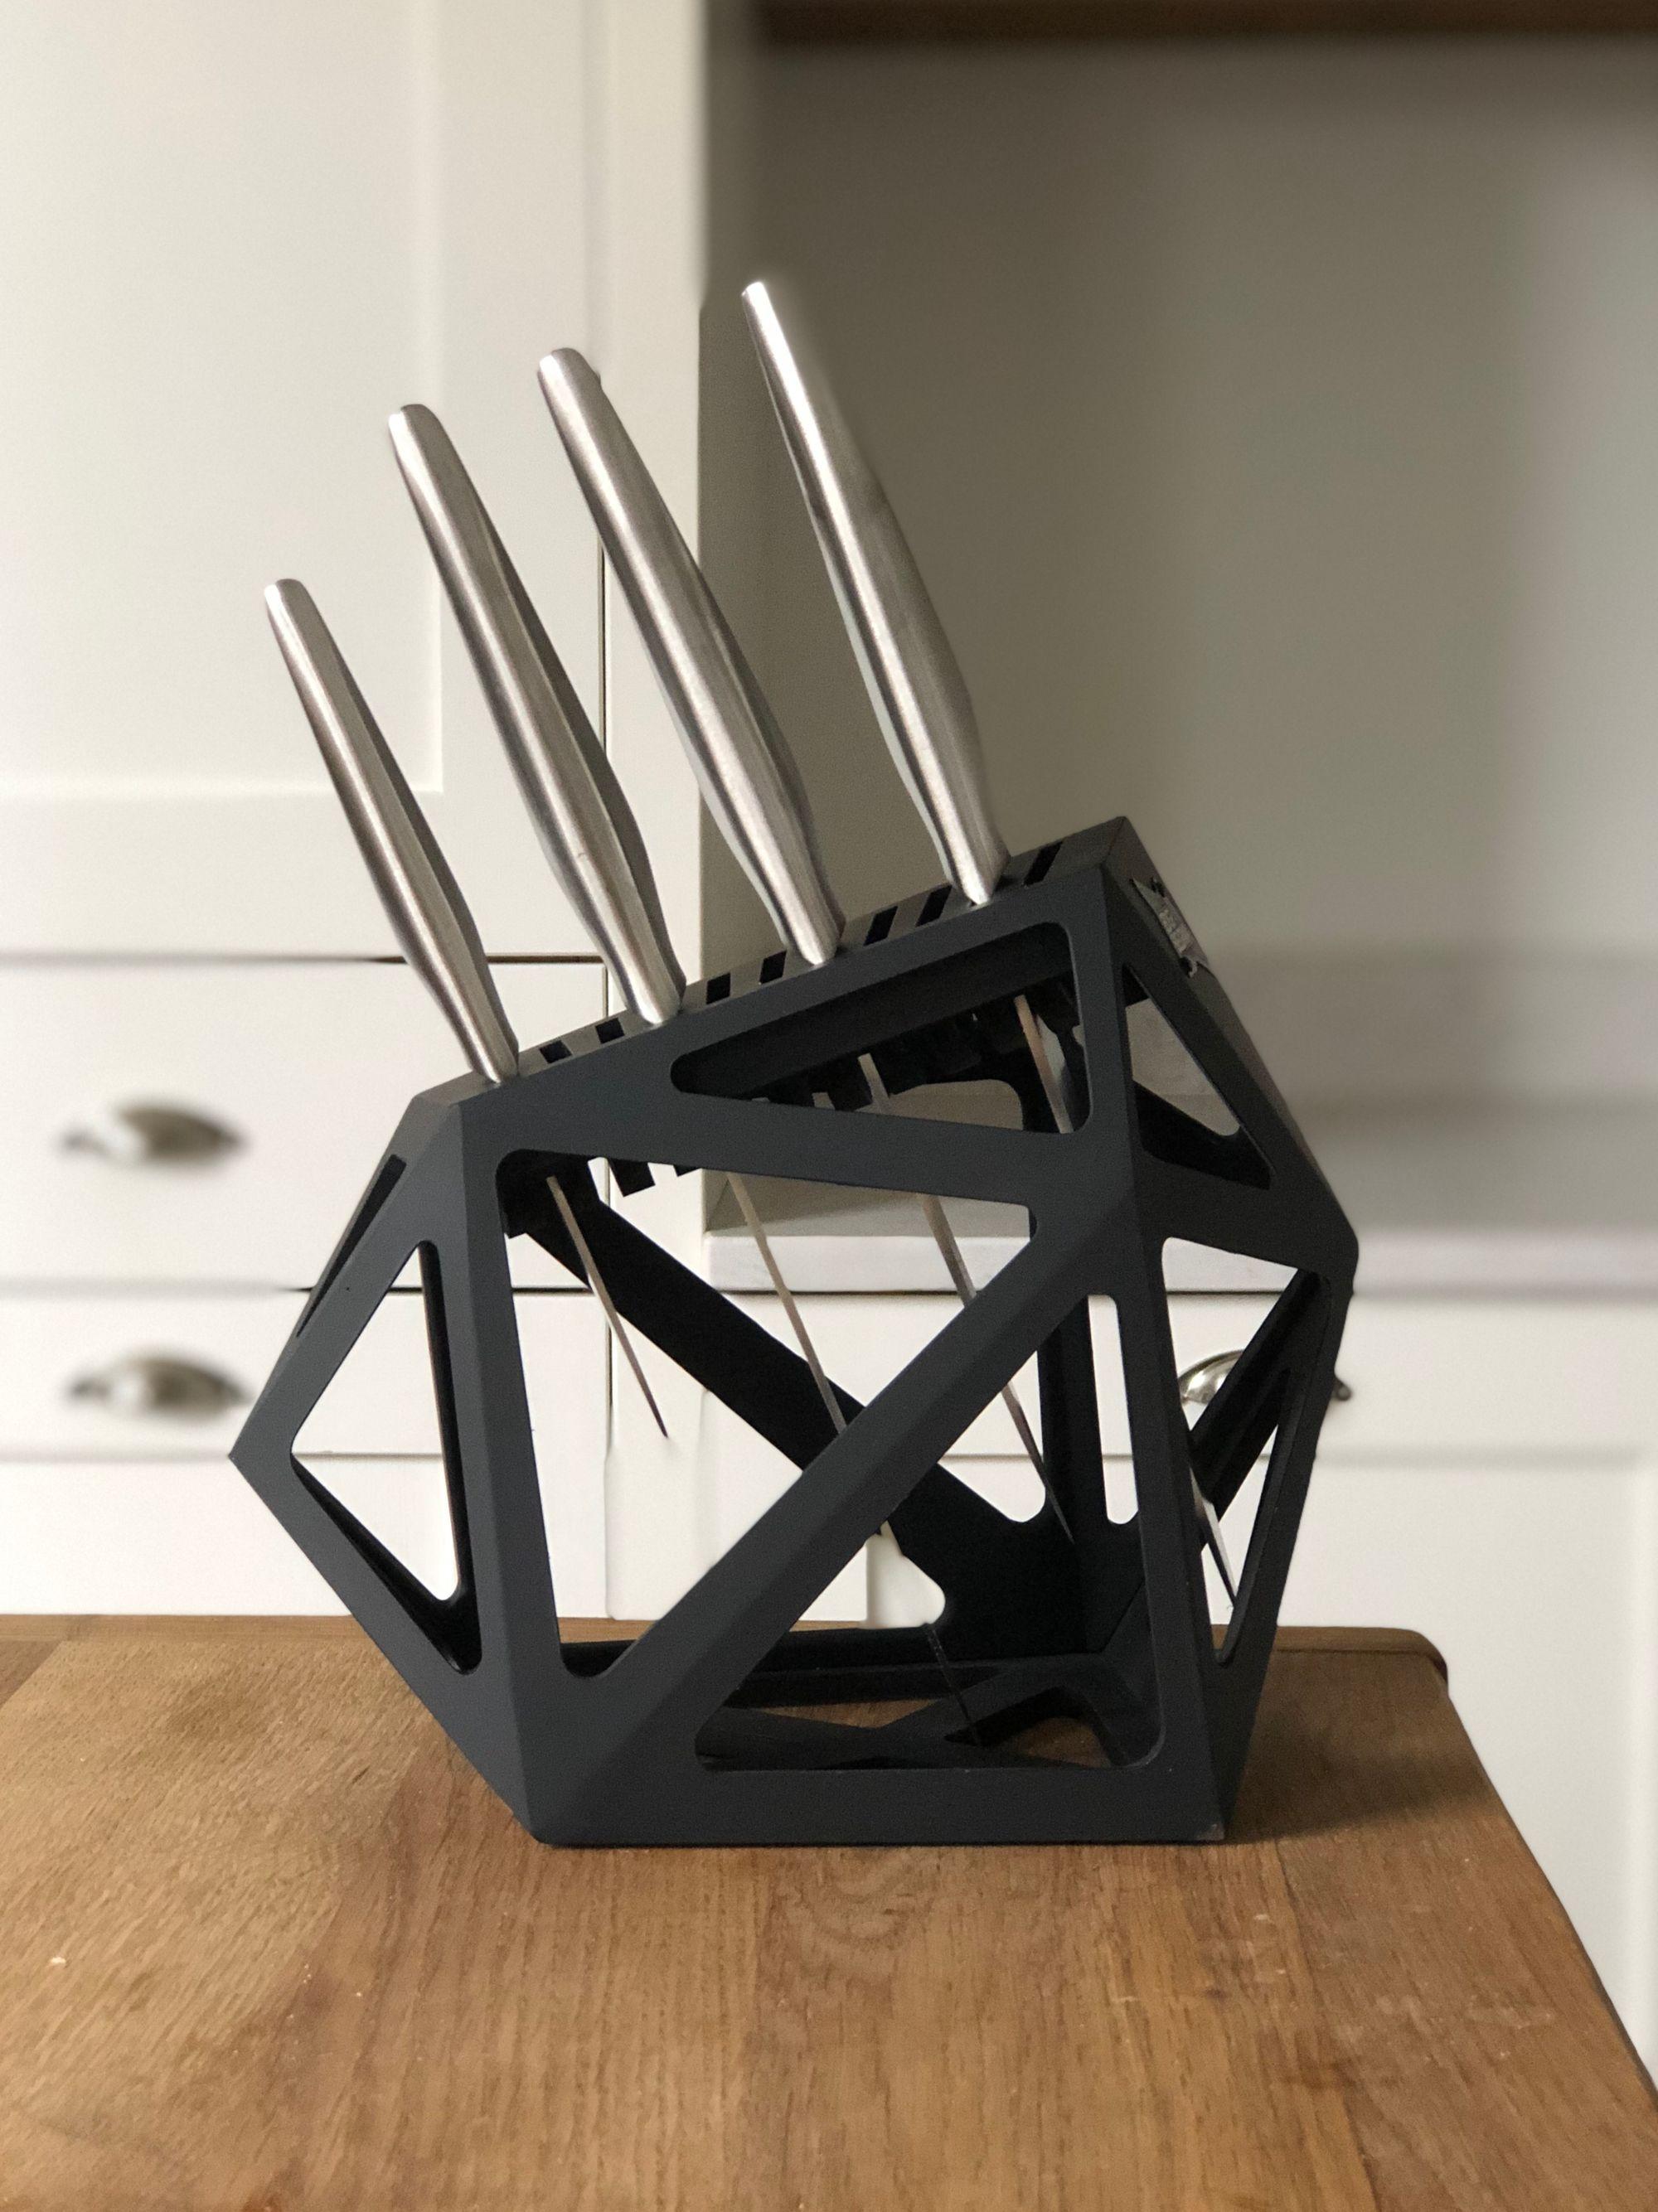 Arondight 7 pc set and black diamond bundle Black